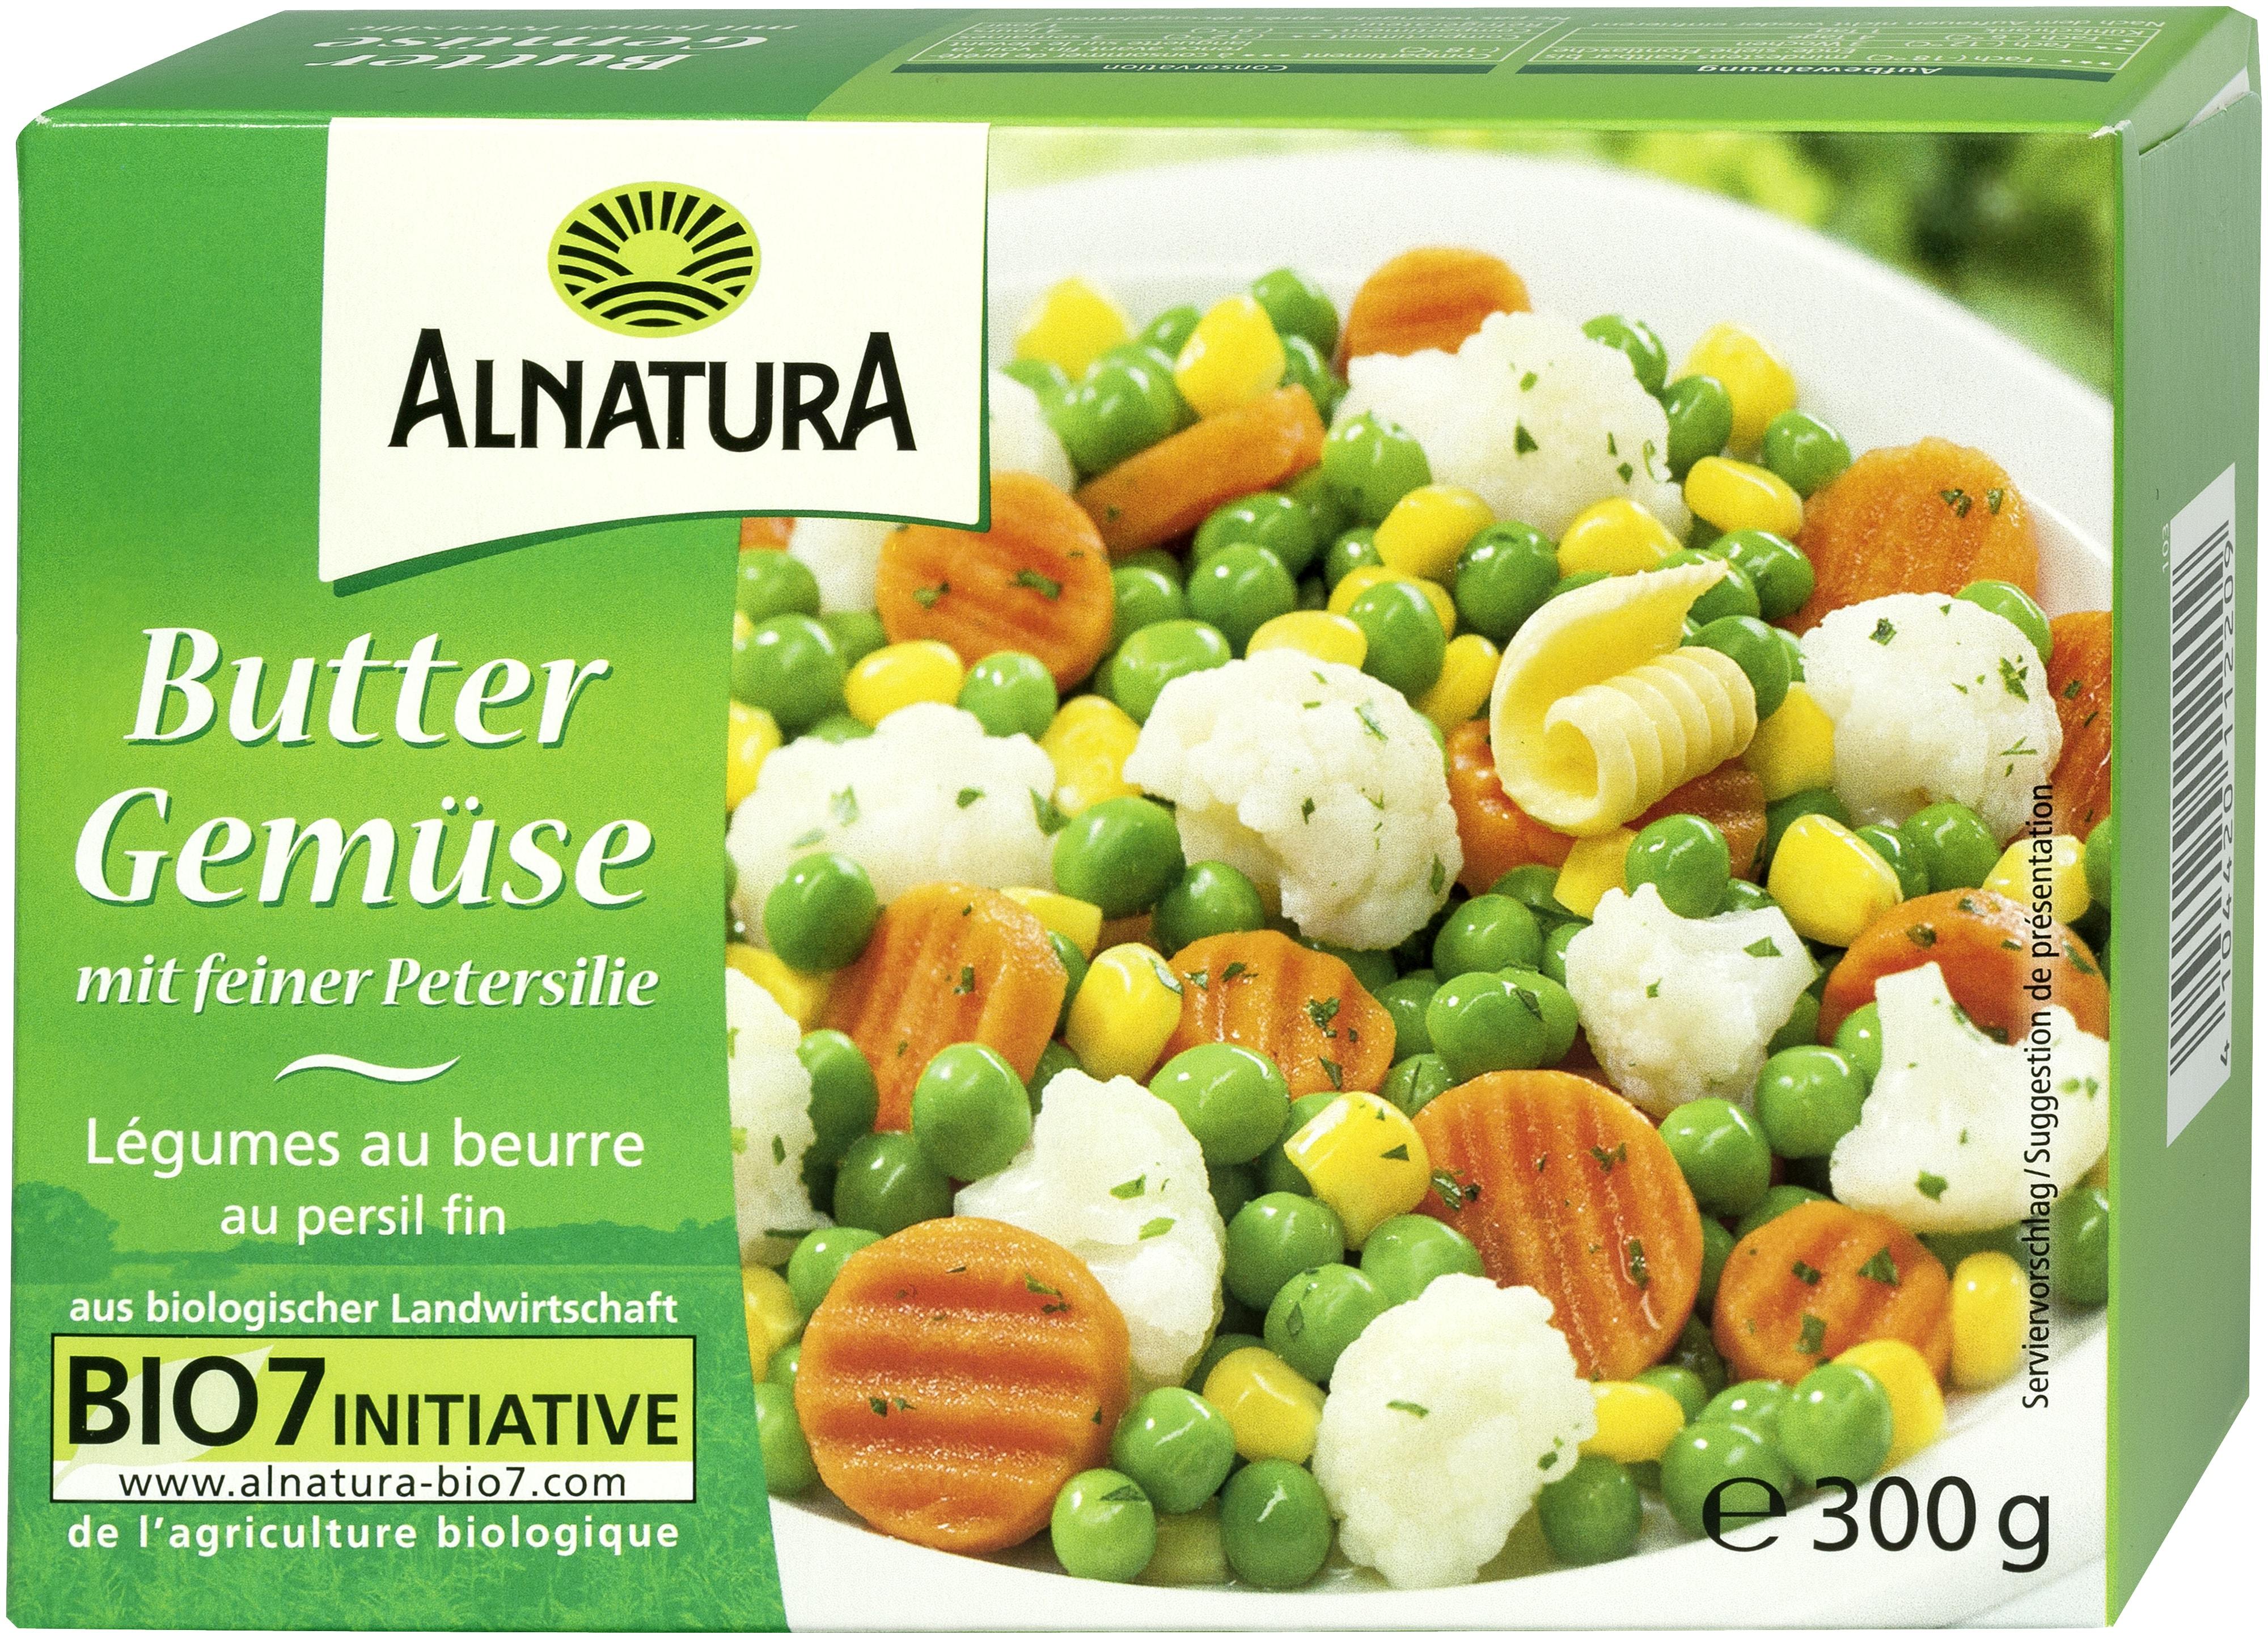 Buttergemüse TK 8 g in Bio Qualität von Alnatura